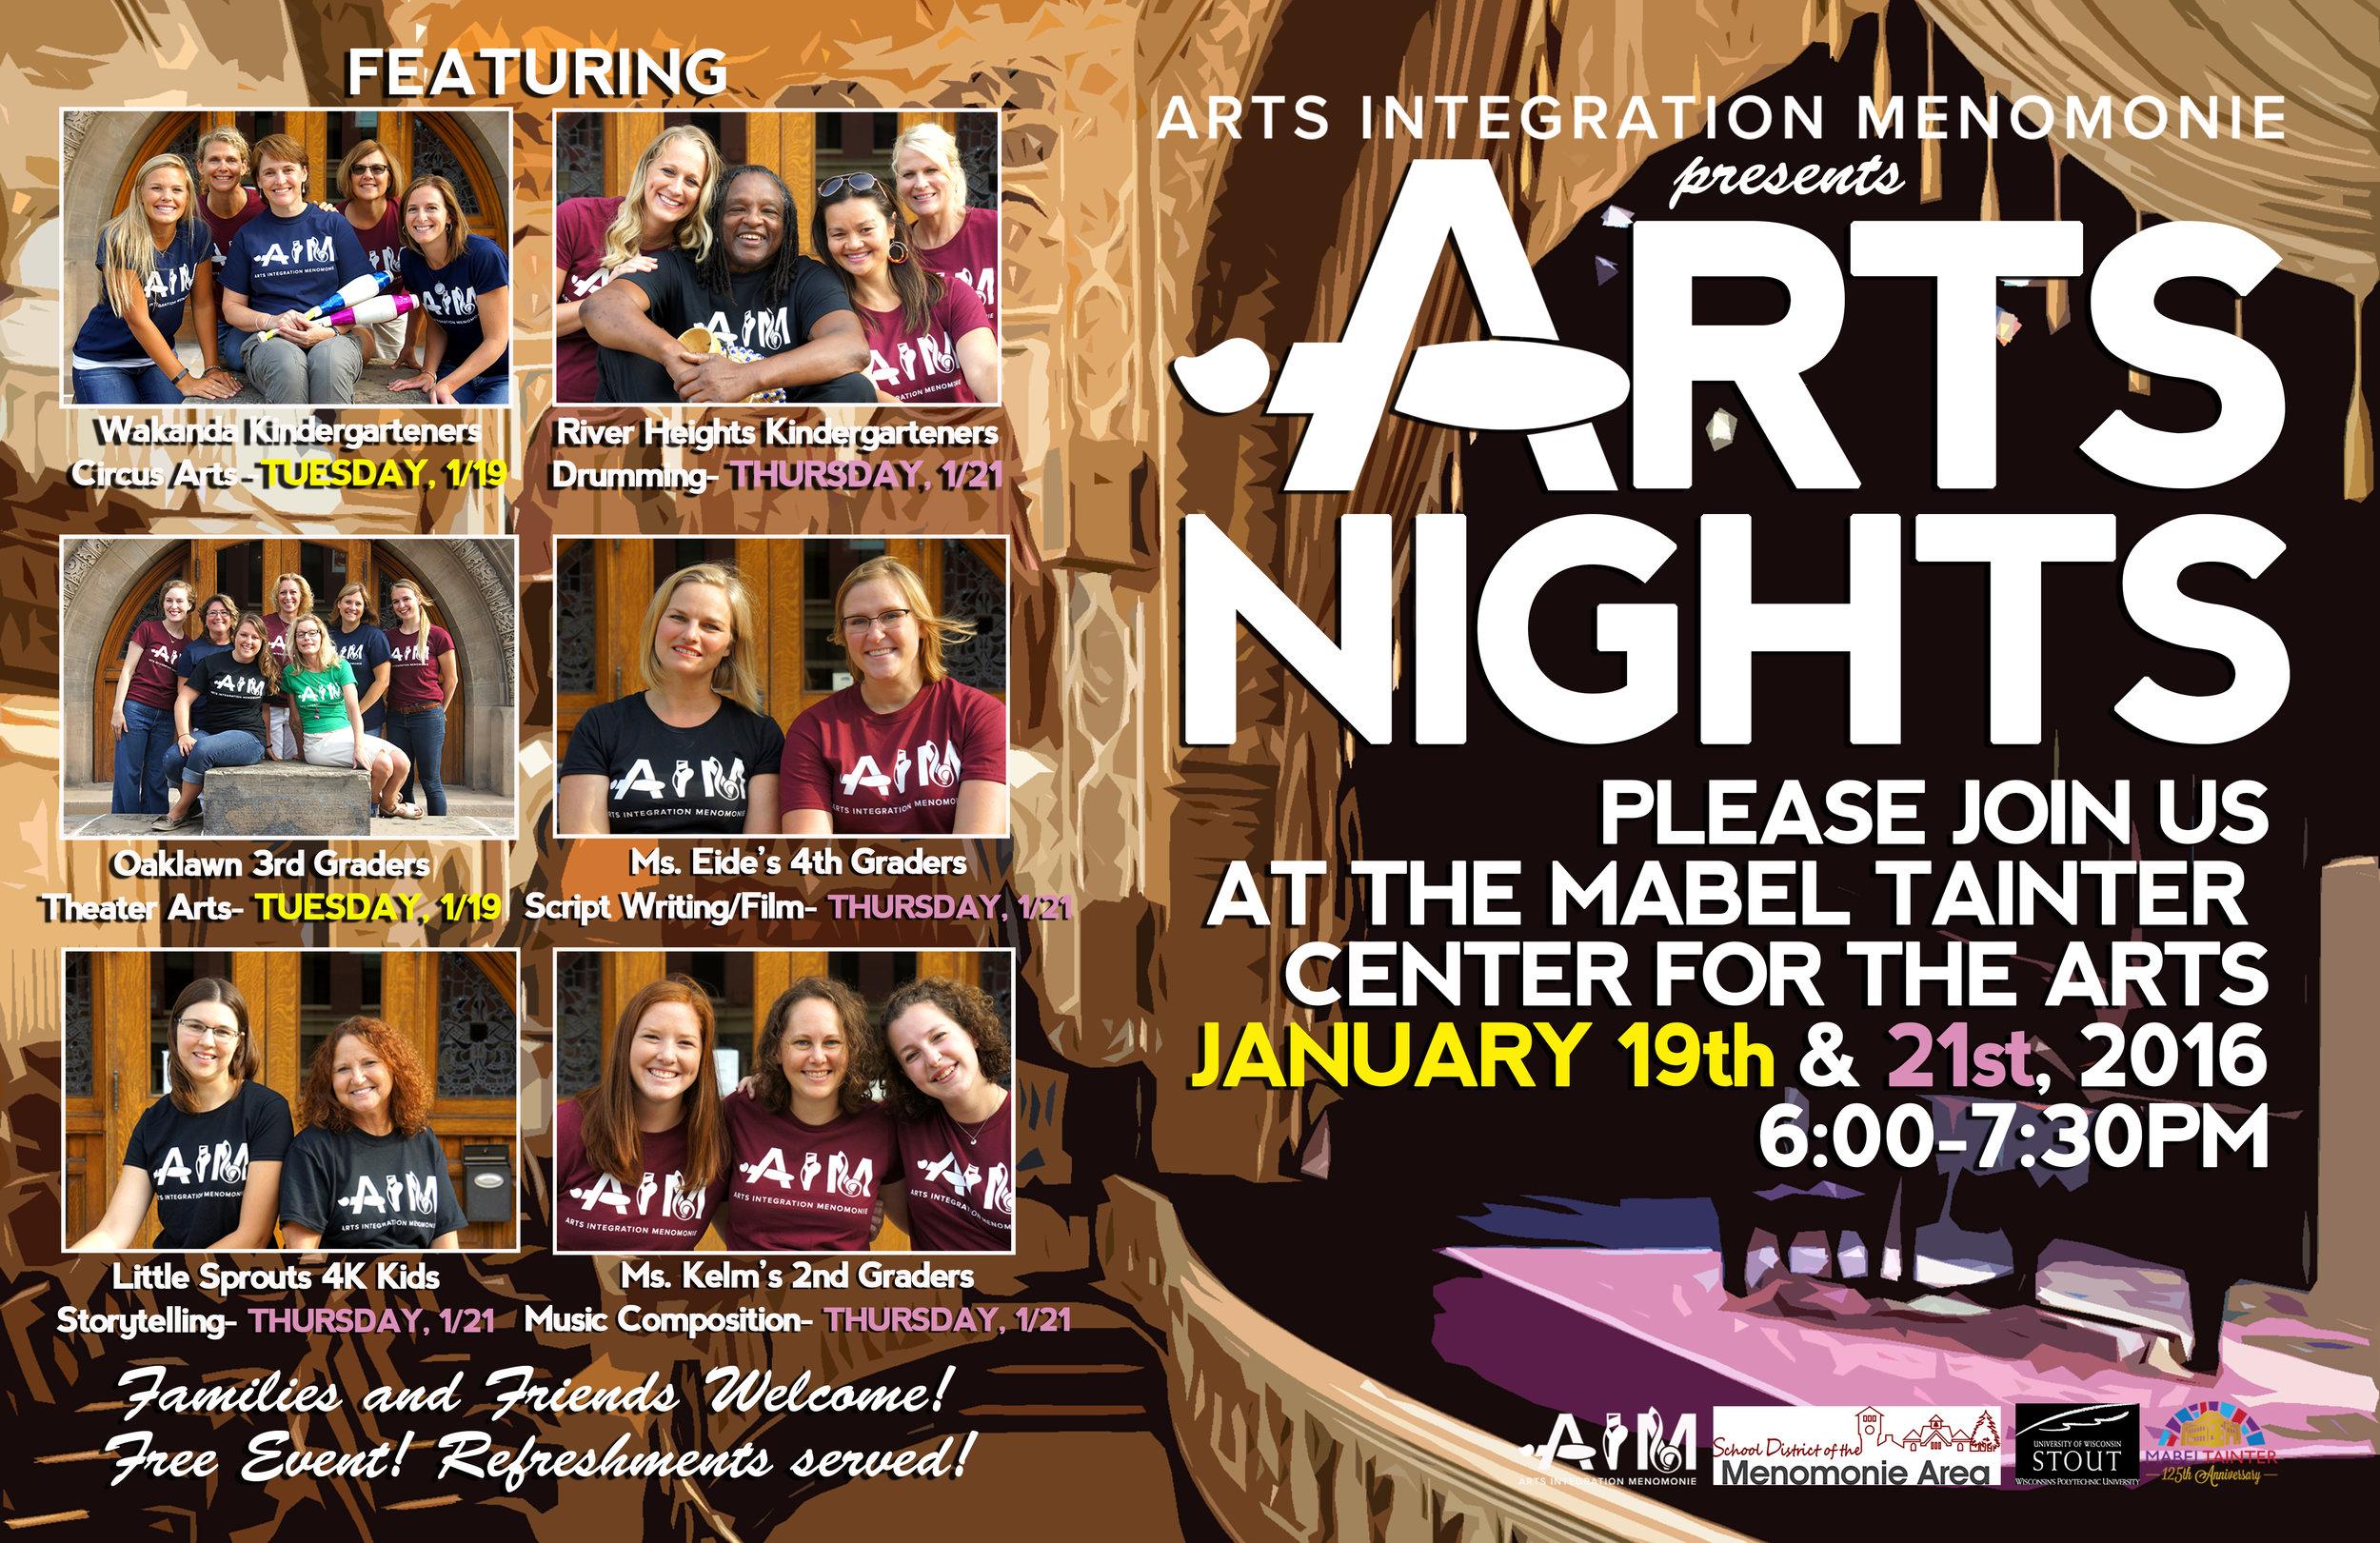 ARTSNIGHTS_poster.jpg